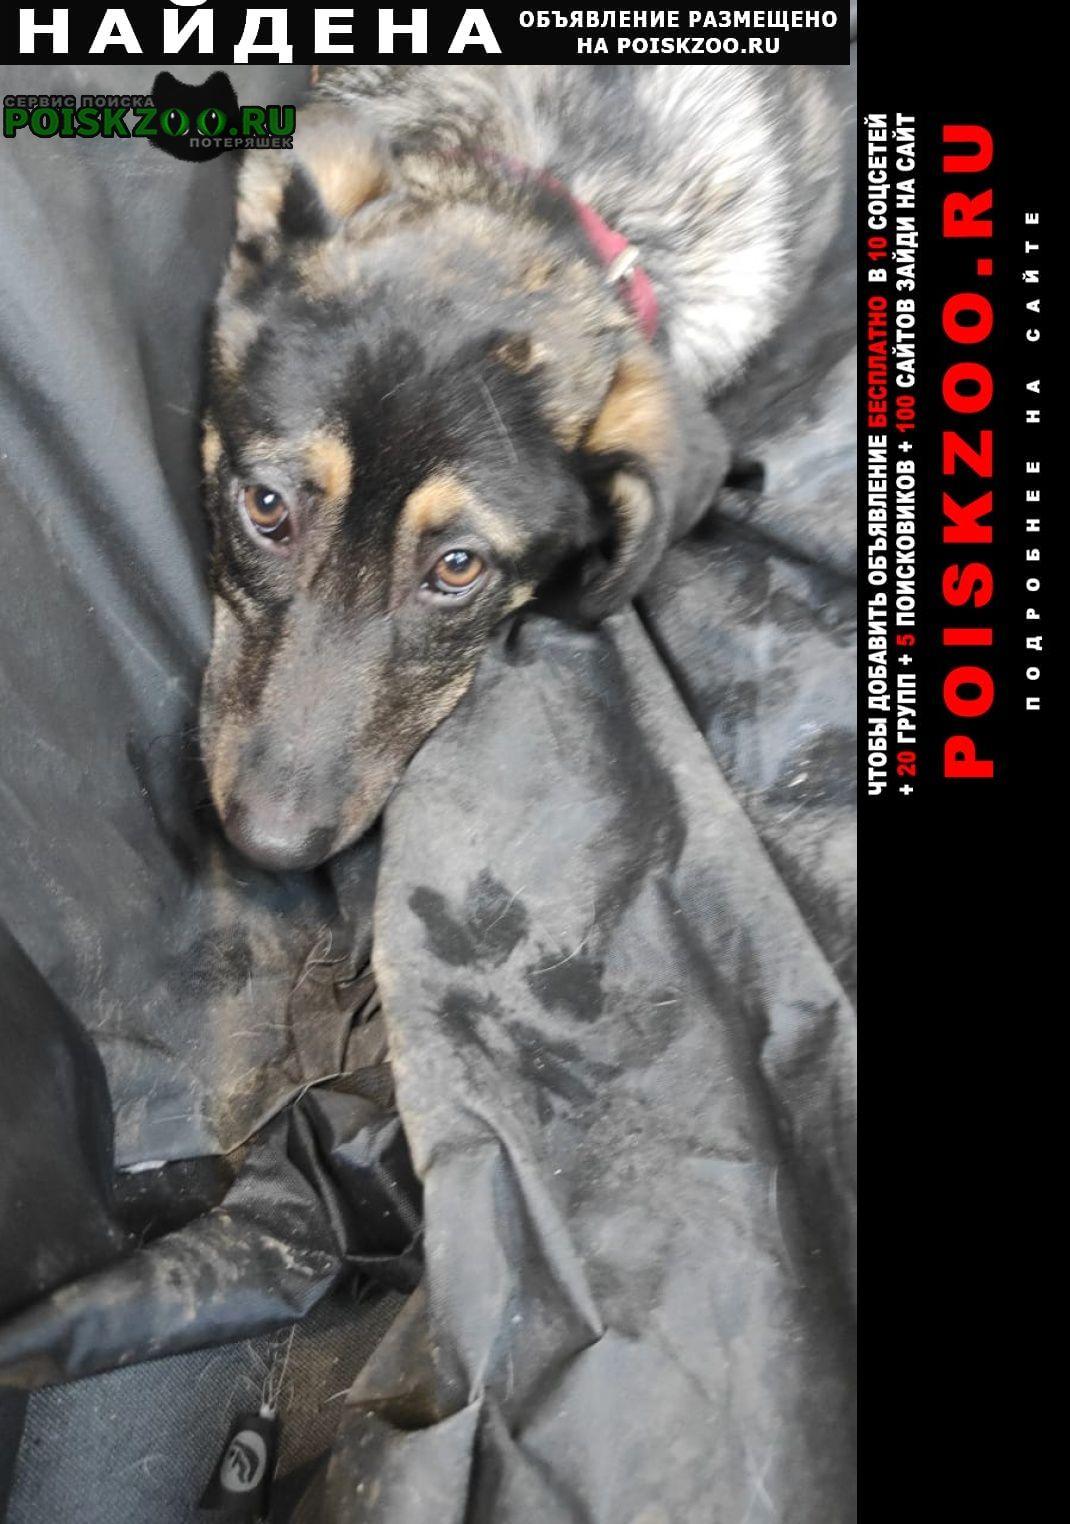 Найдена собака щенок в двух ошейниках (красный и зелён) Москва